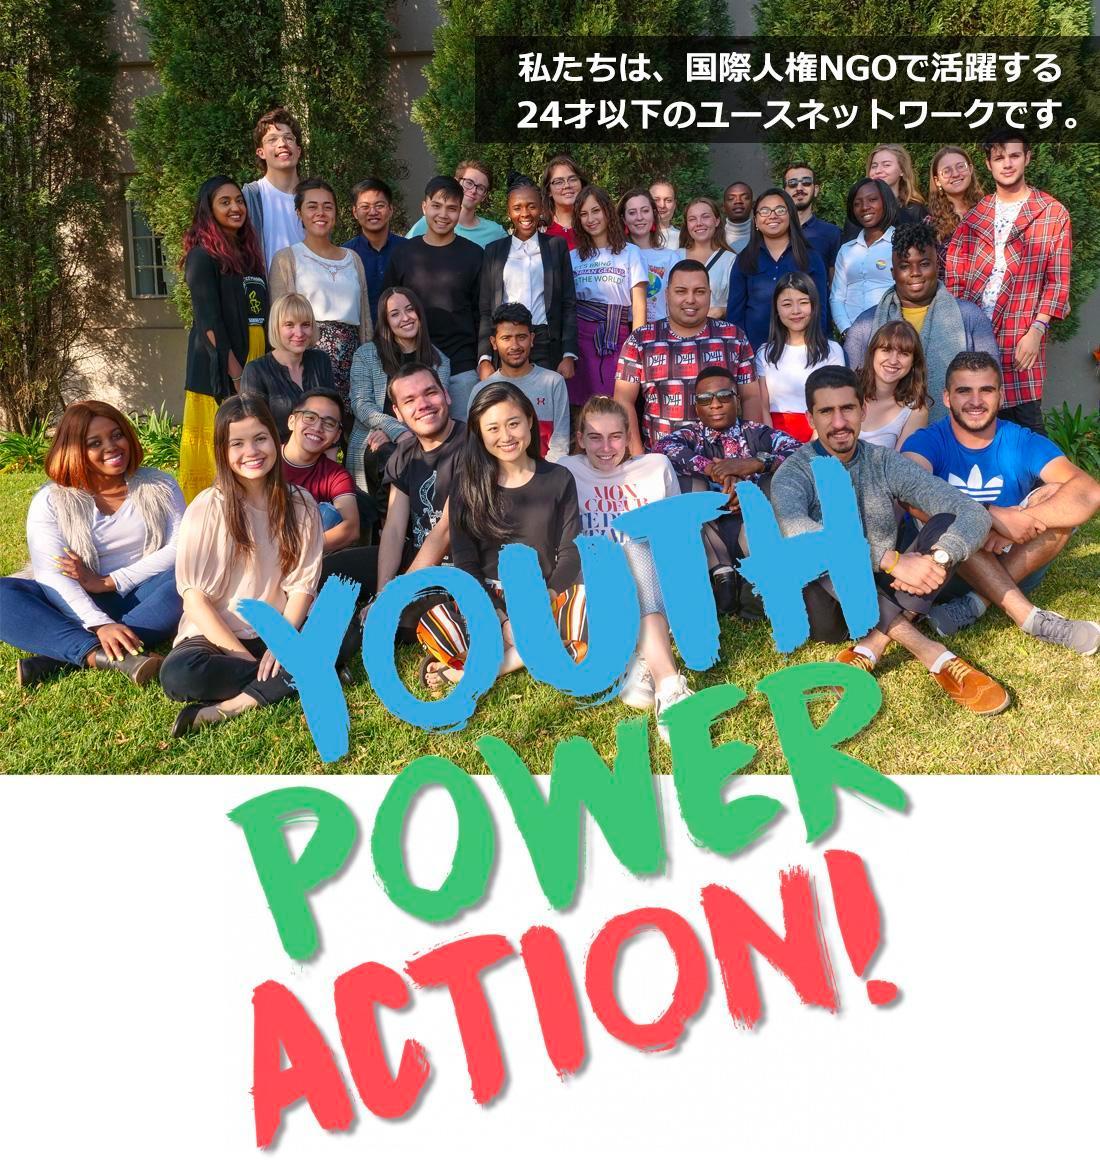 私たちは、国際人権NGoで活躍する25才以下のユースネットワークです。